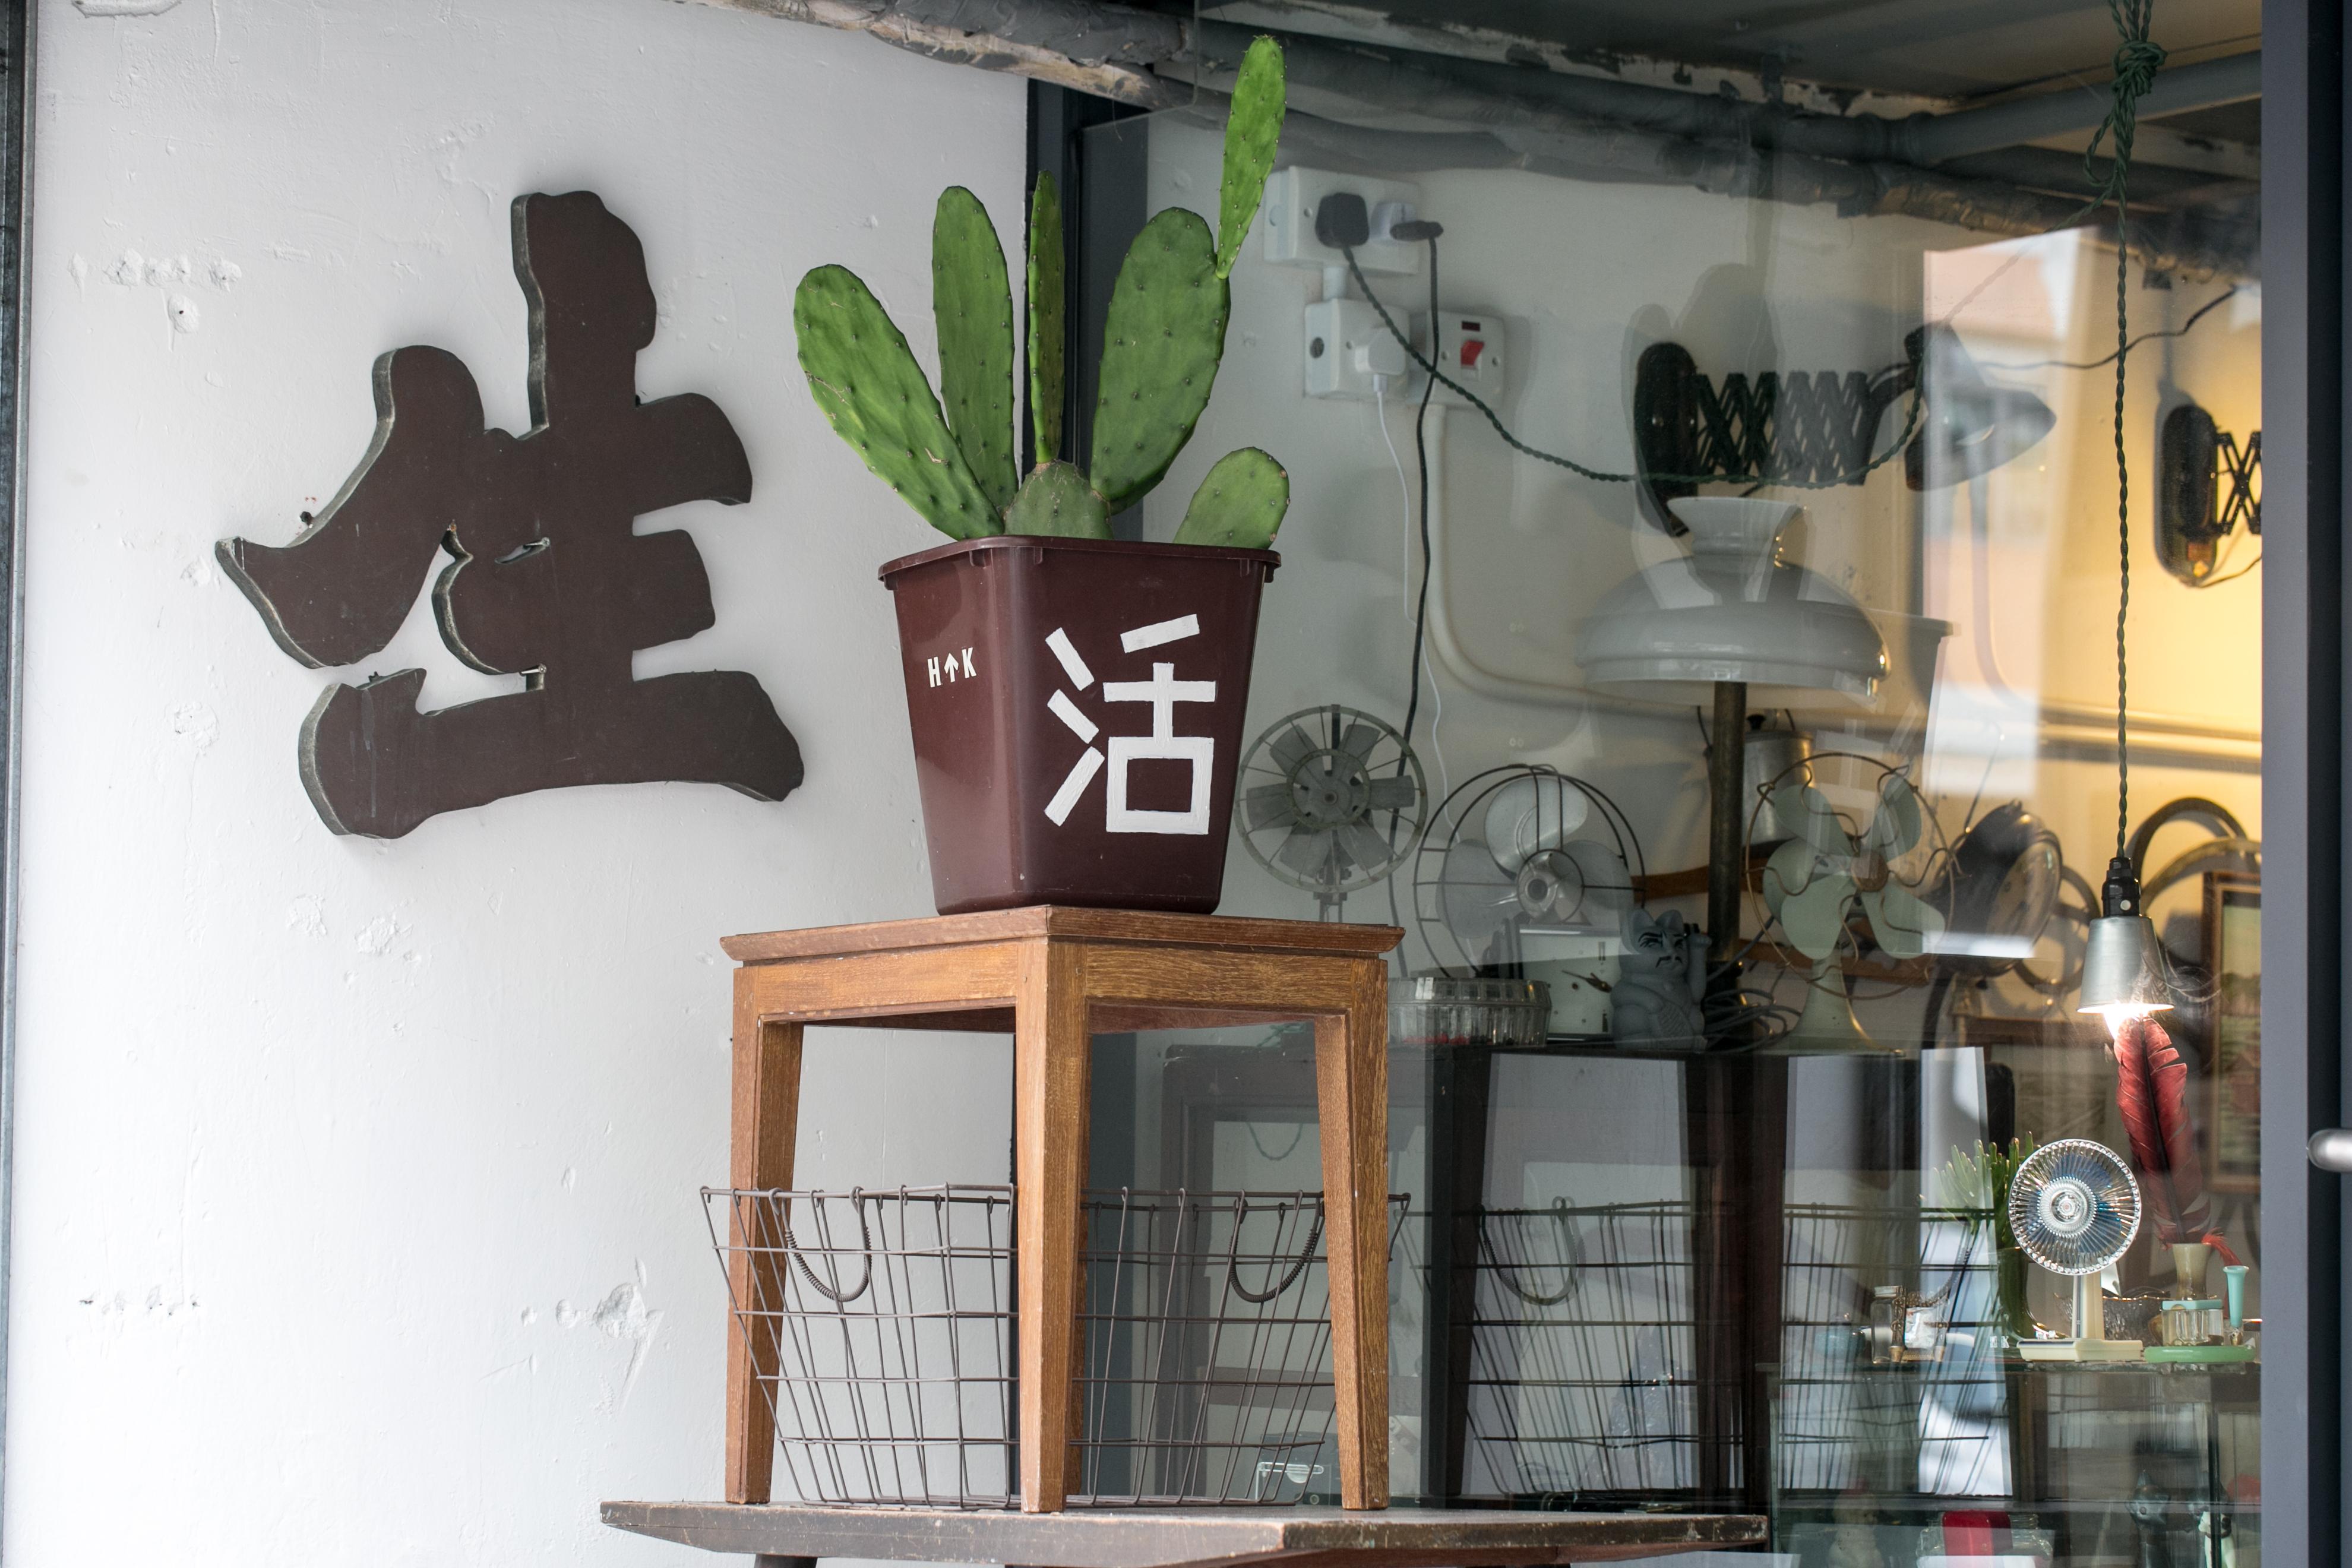 「店小二」吸引不少年輕「文青」造訪